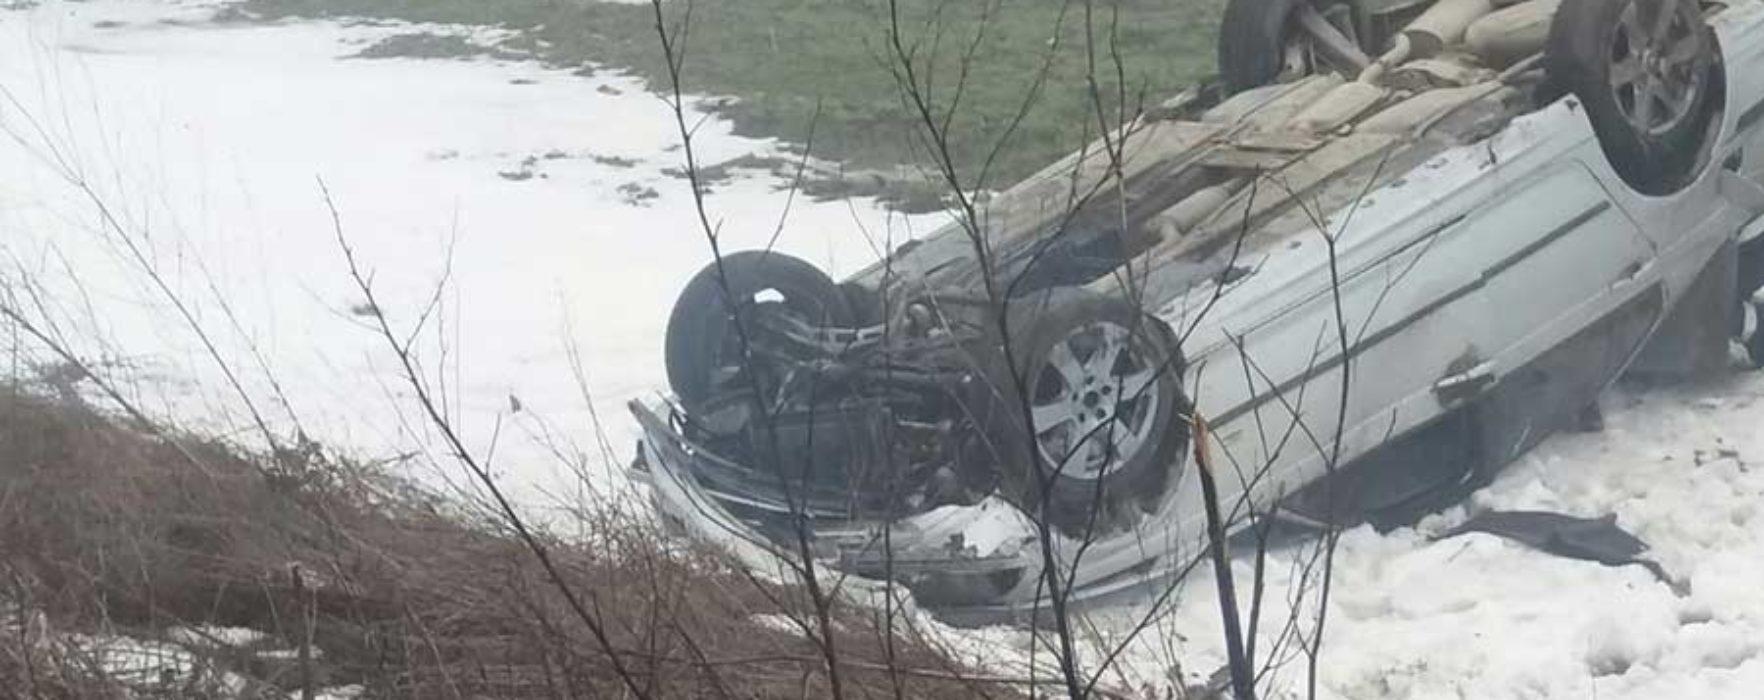 Dâmboviţa: O şoferiţă a pierdut controlul asupra volanului şi s-a răsturnat cu maşina